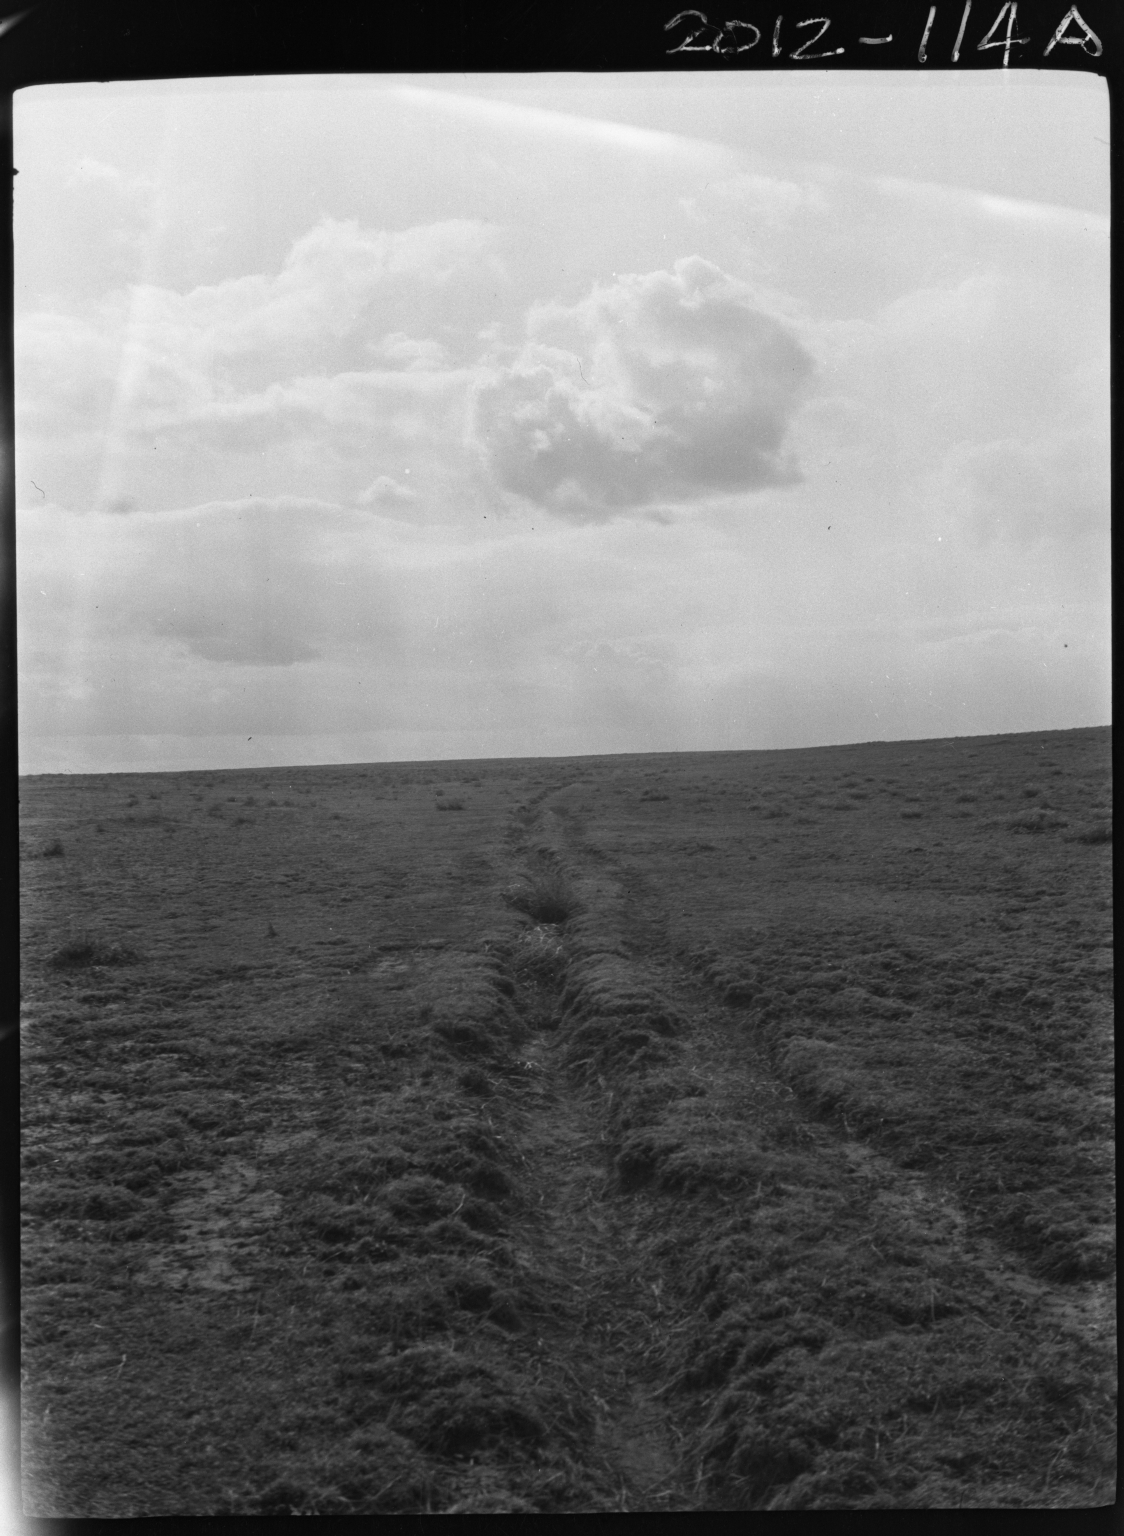 Bison tracks